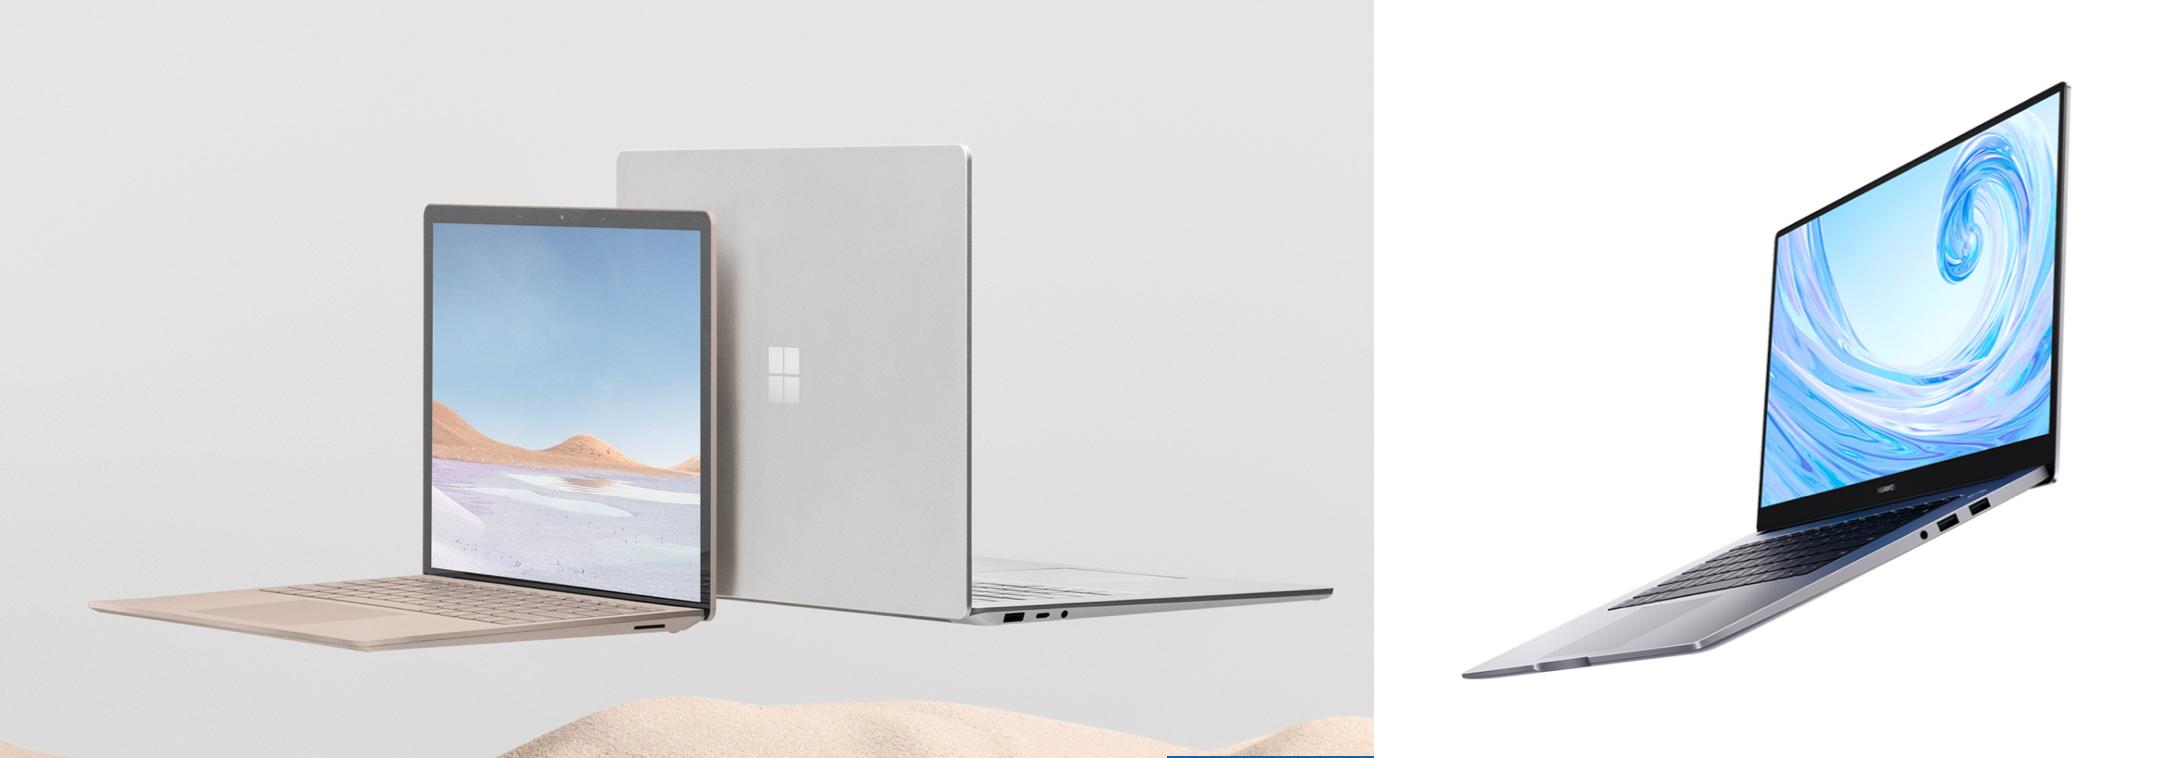 Surface Laptop 3 15 MateBook D 15